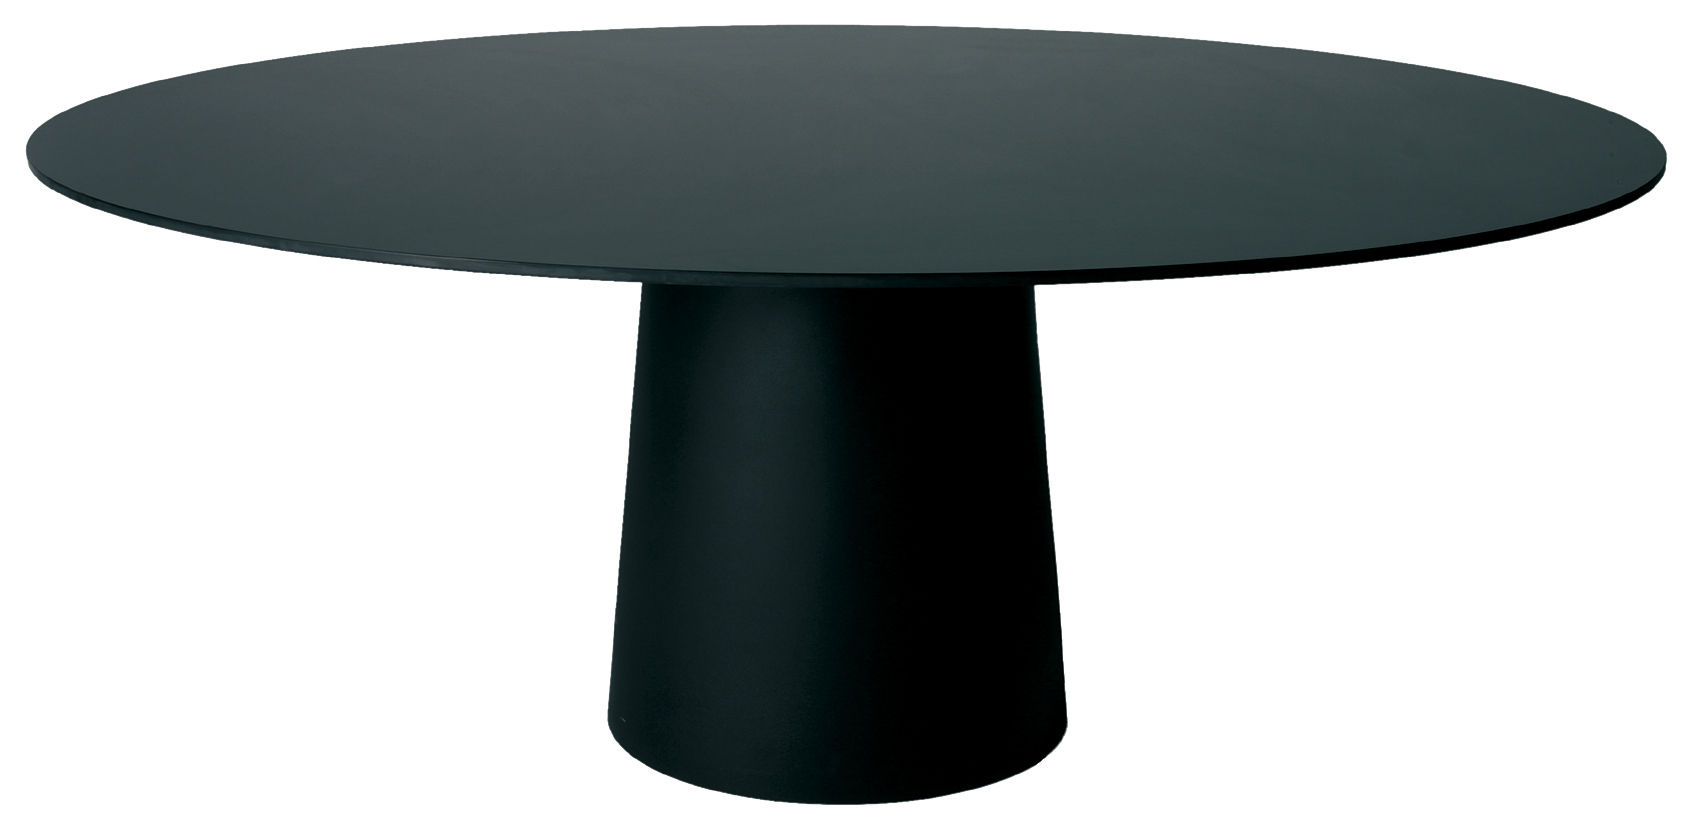 Jardin - Tables de jardin - Accessoire table / Plateau Container Ø 140 cm - Moooi - Plateau noir - Ø 140 cm - HPL